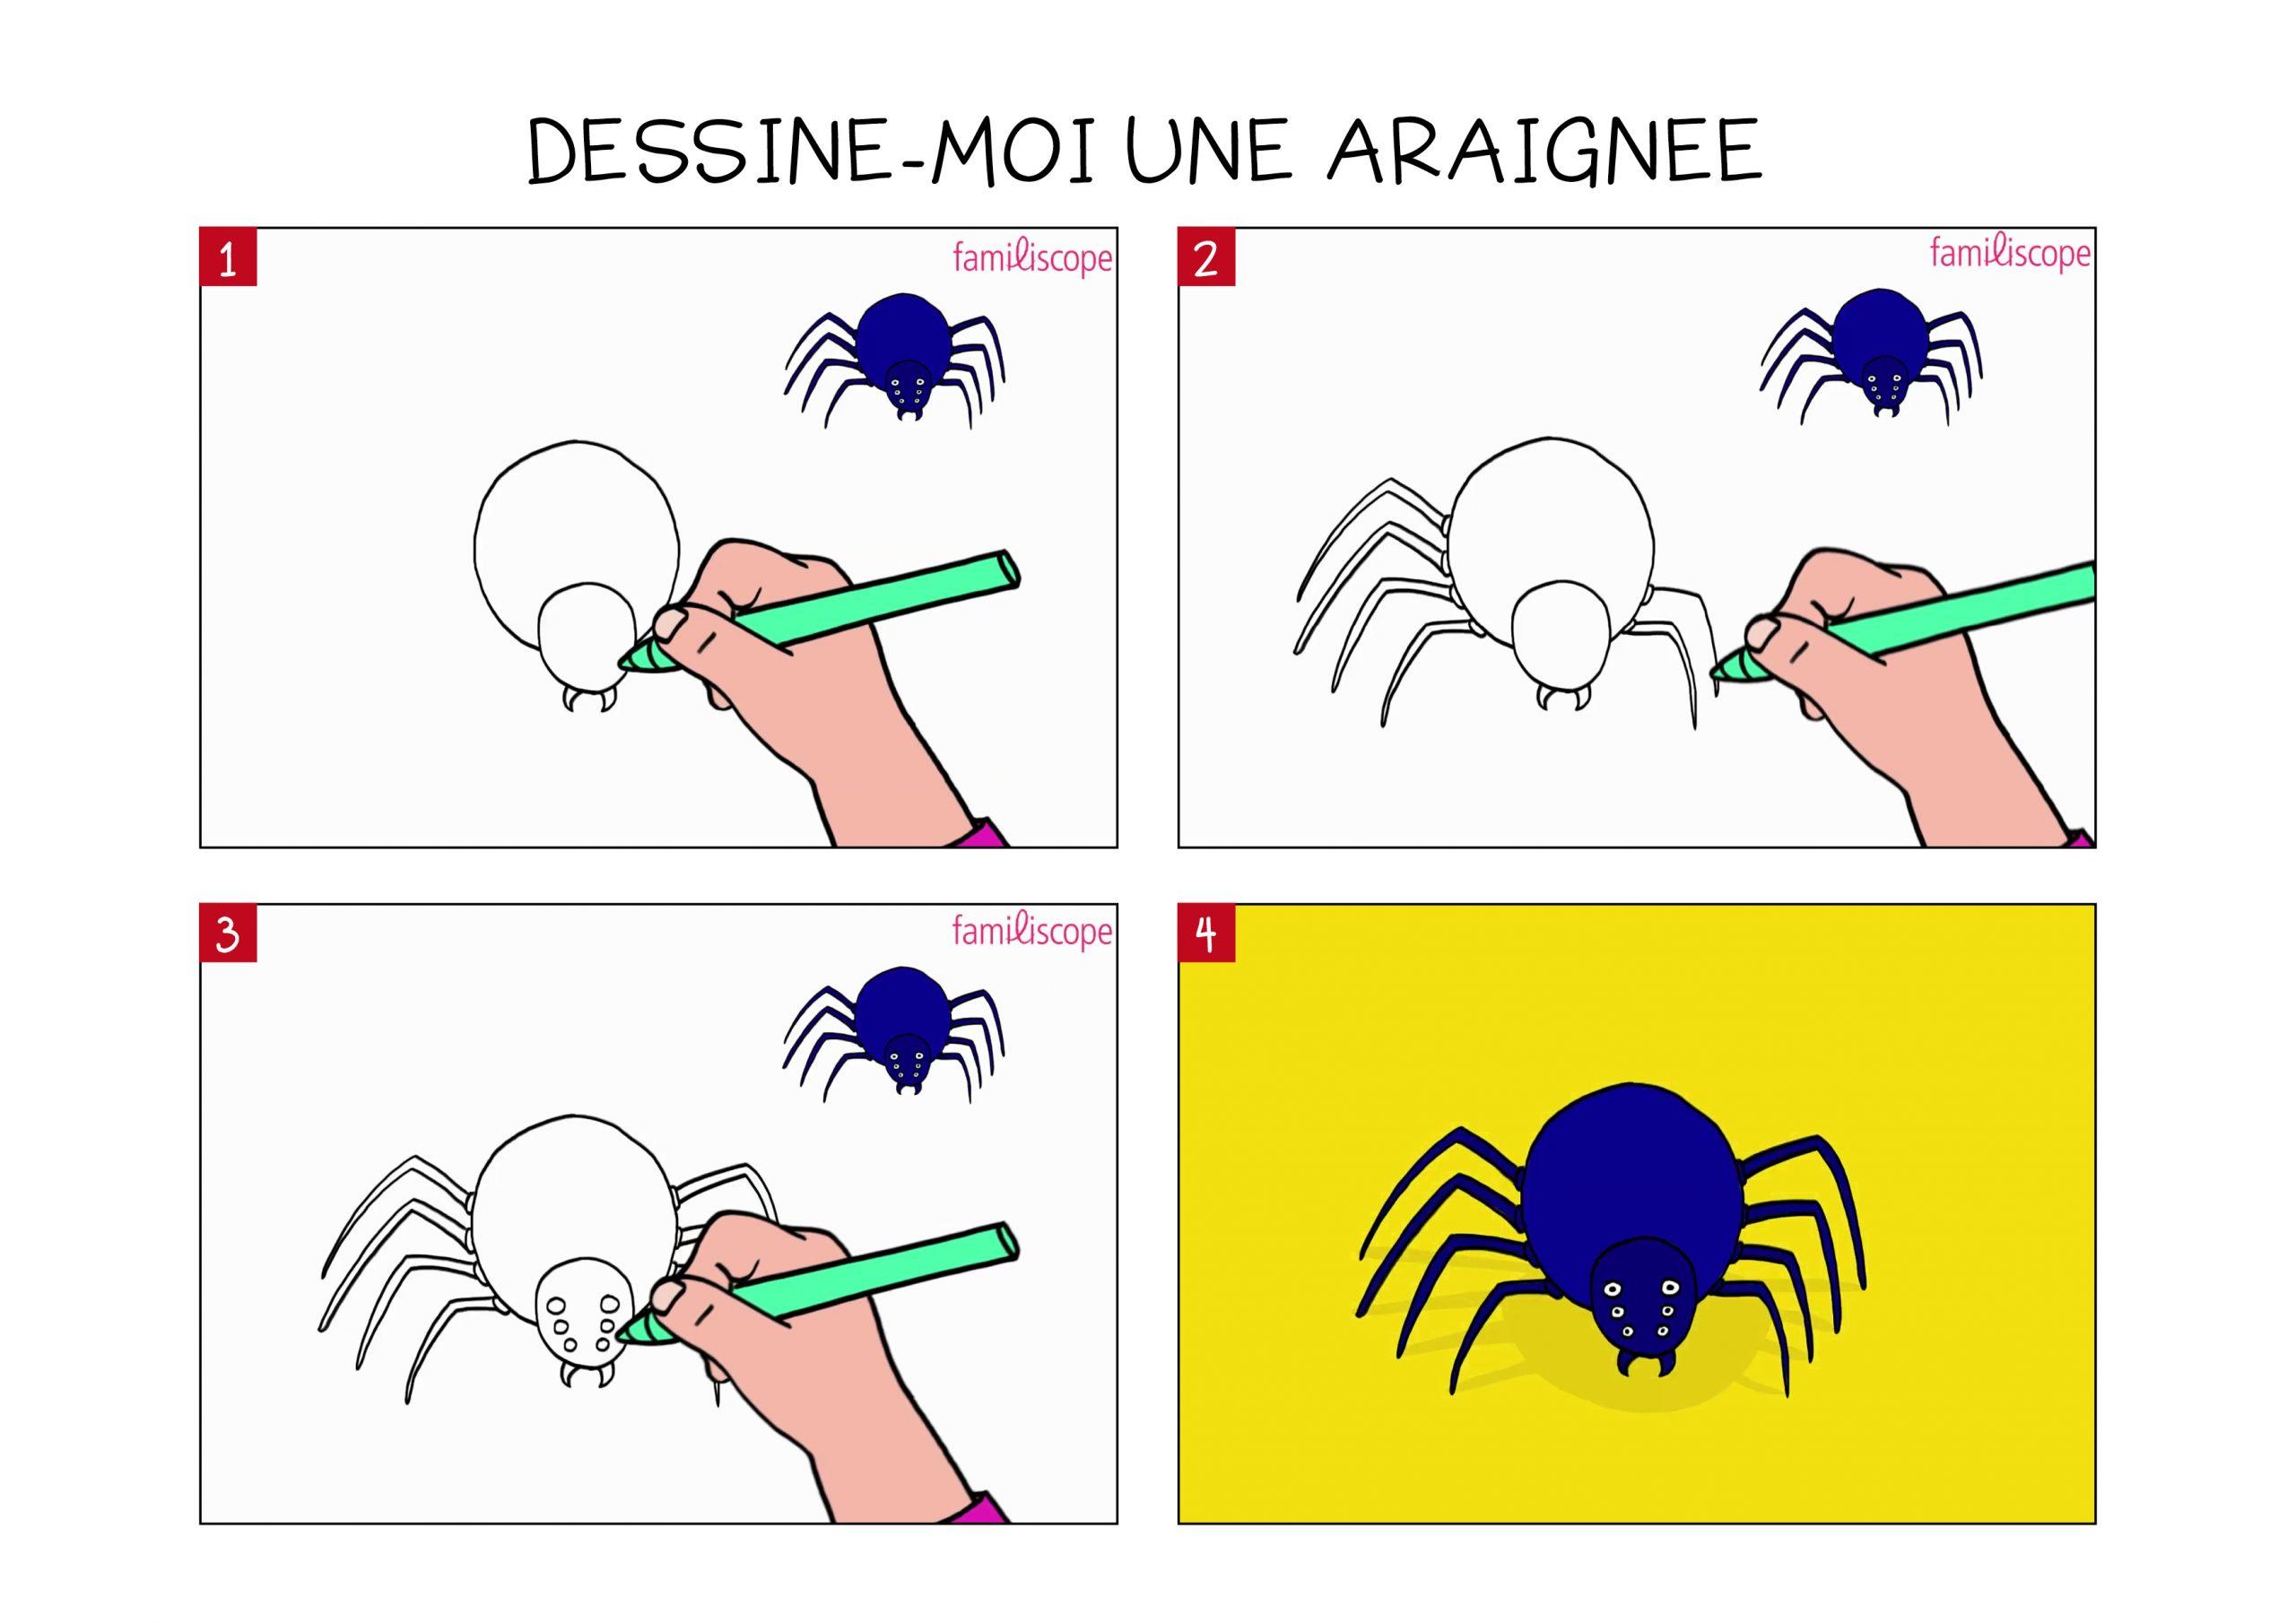 Apprendre À Dessiner Une Araignée En 3 Étapes dedans Dessiner Une Araignee